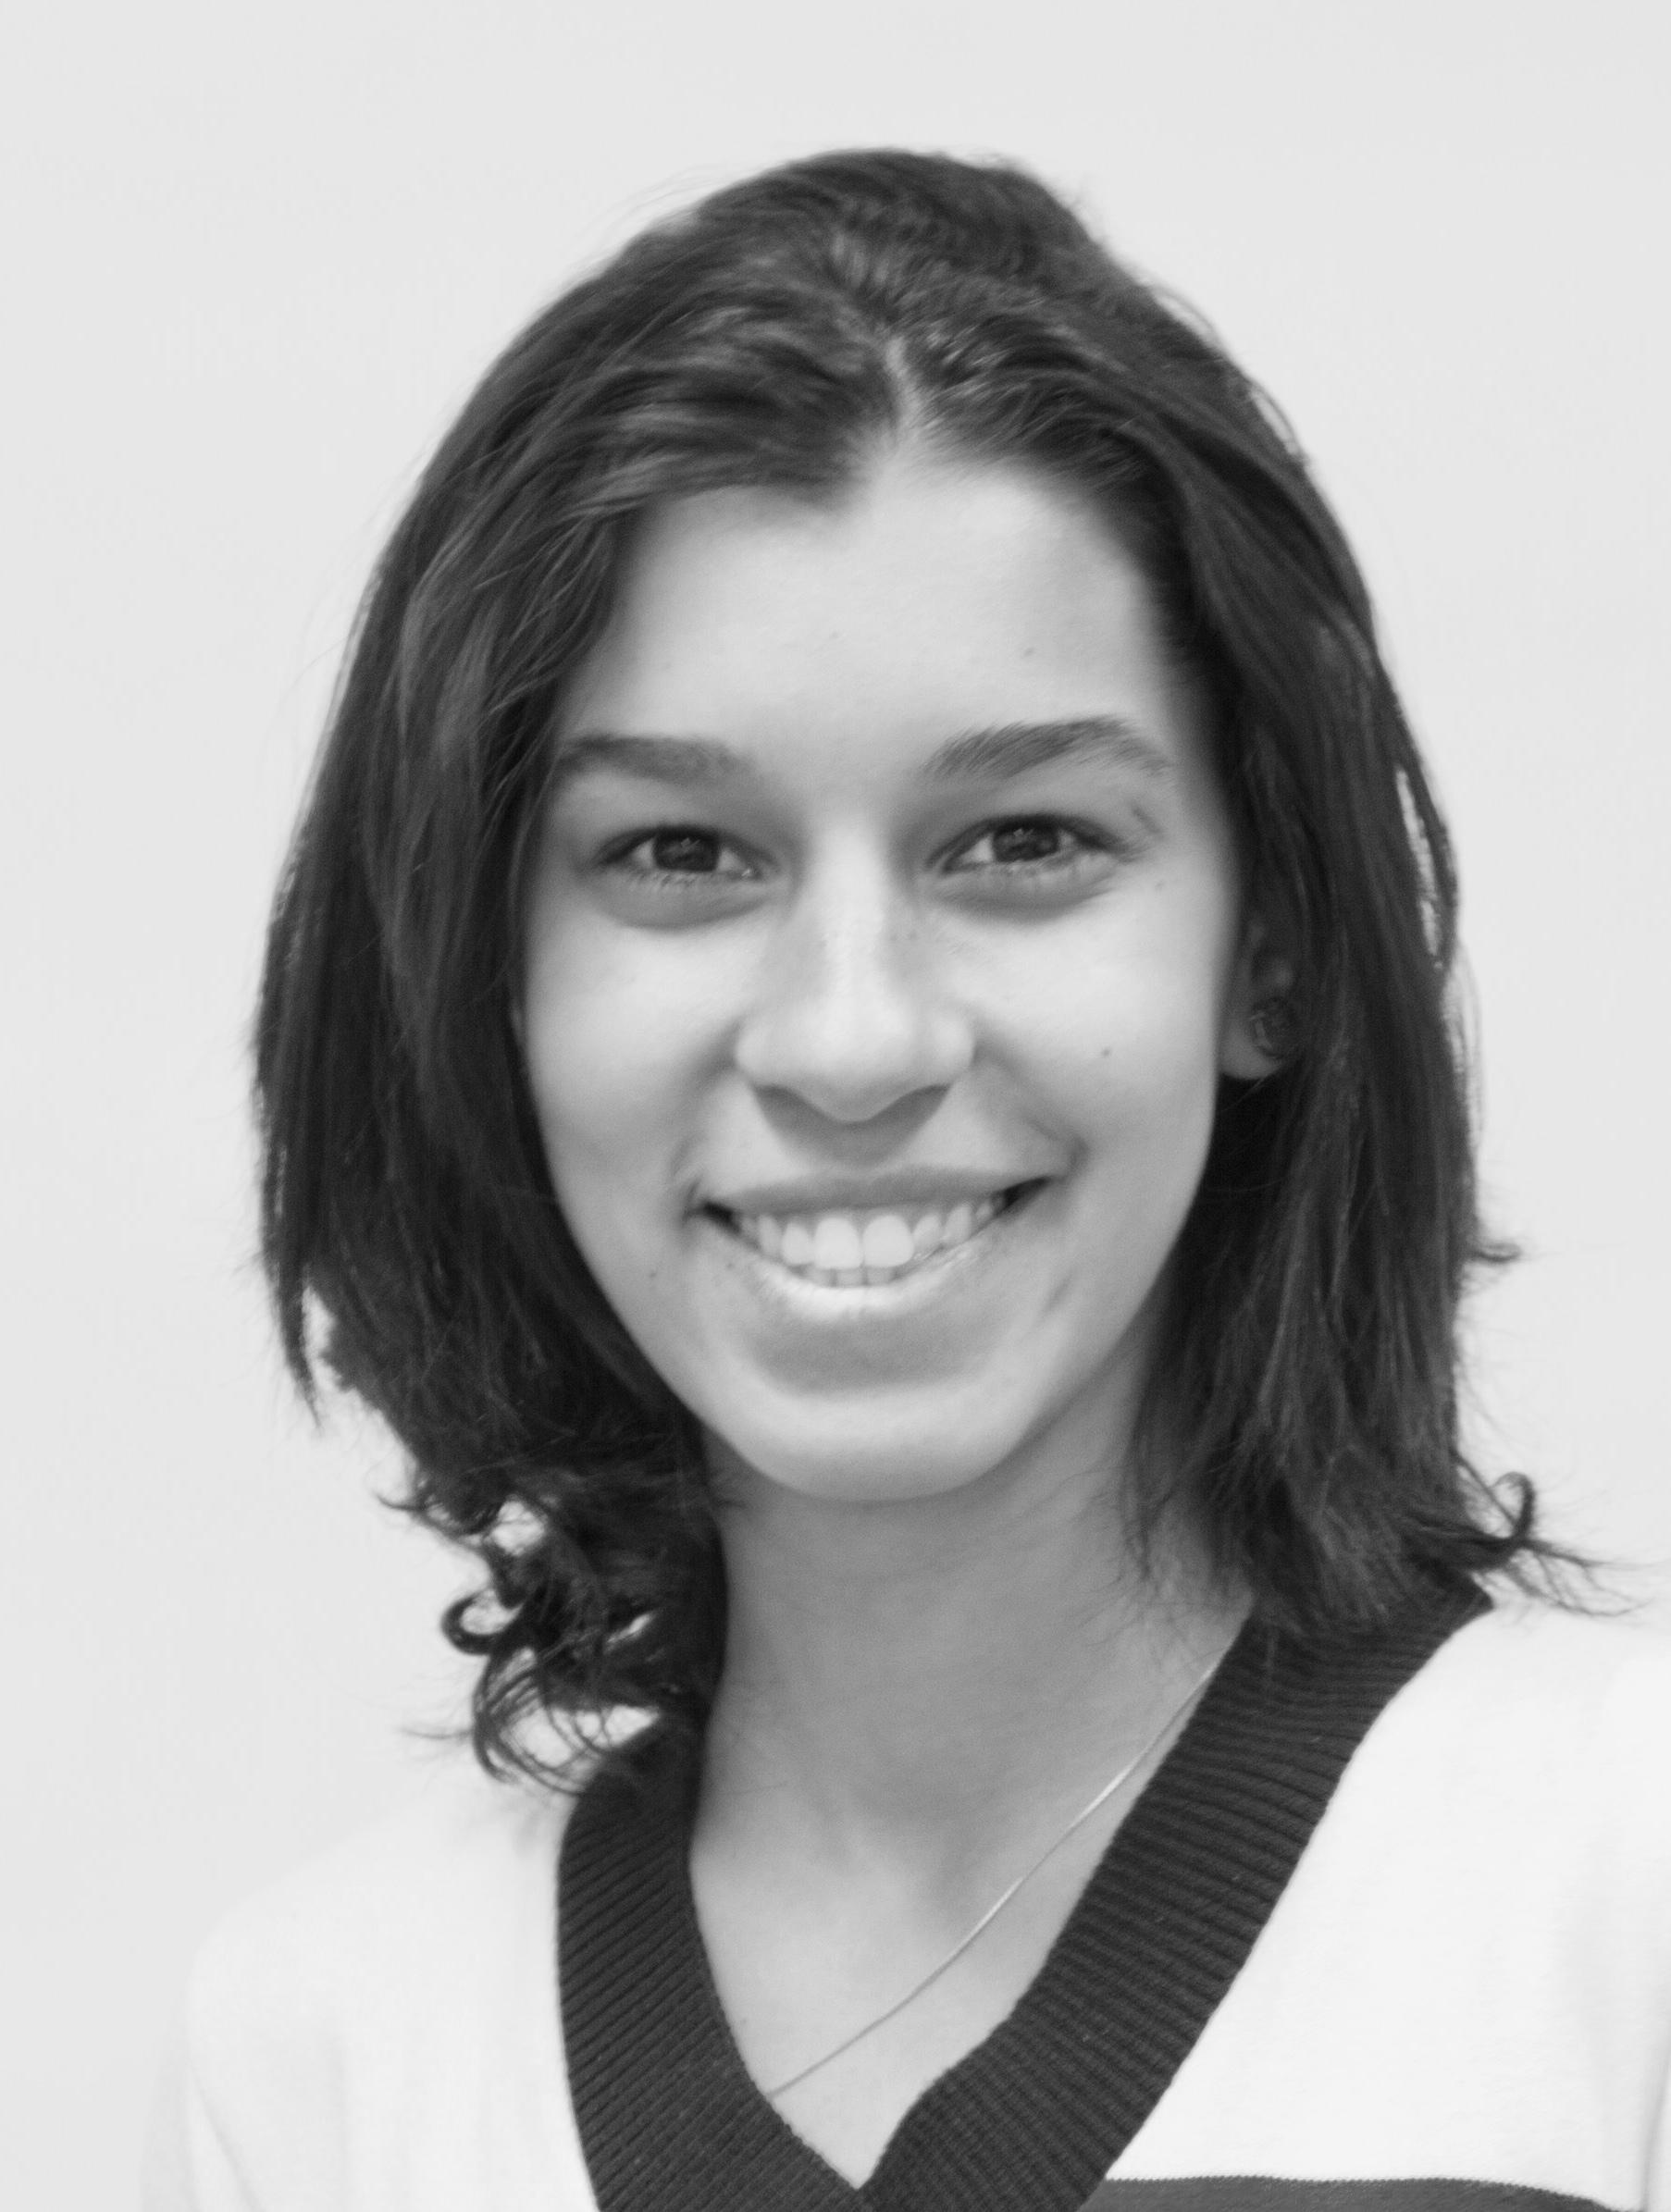 Mariana Barreto Pinto